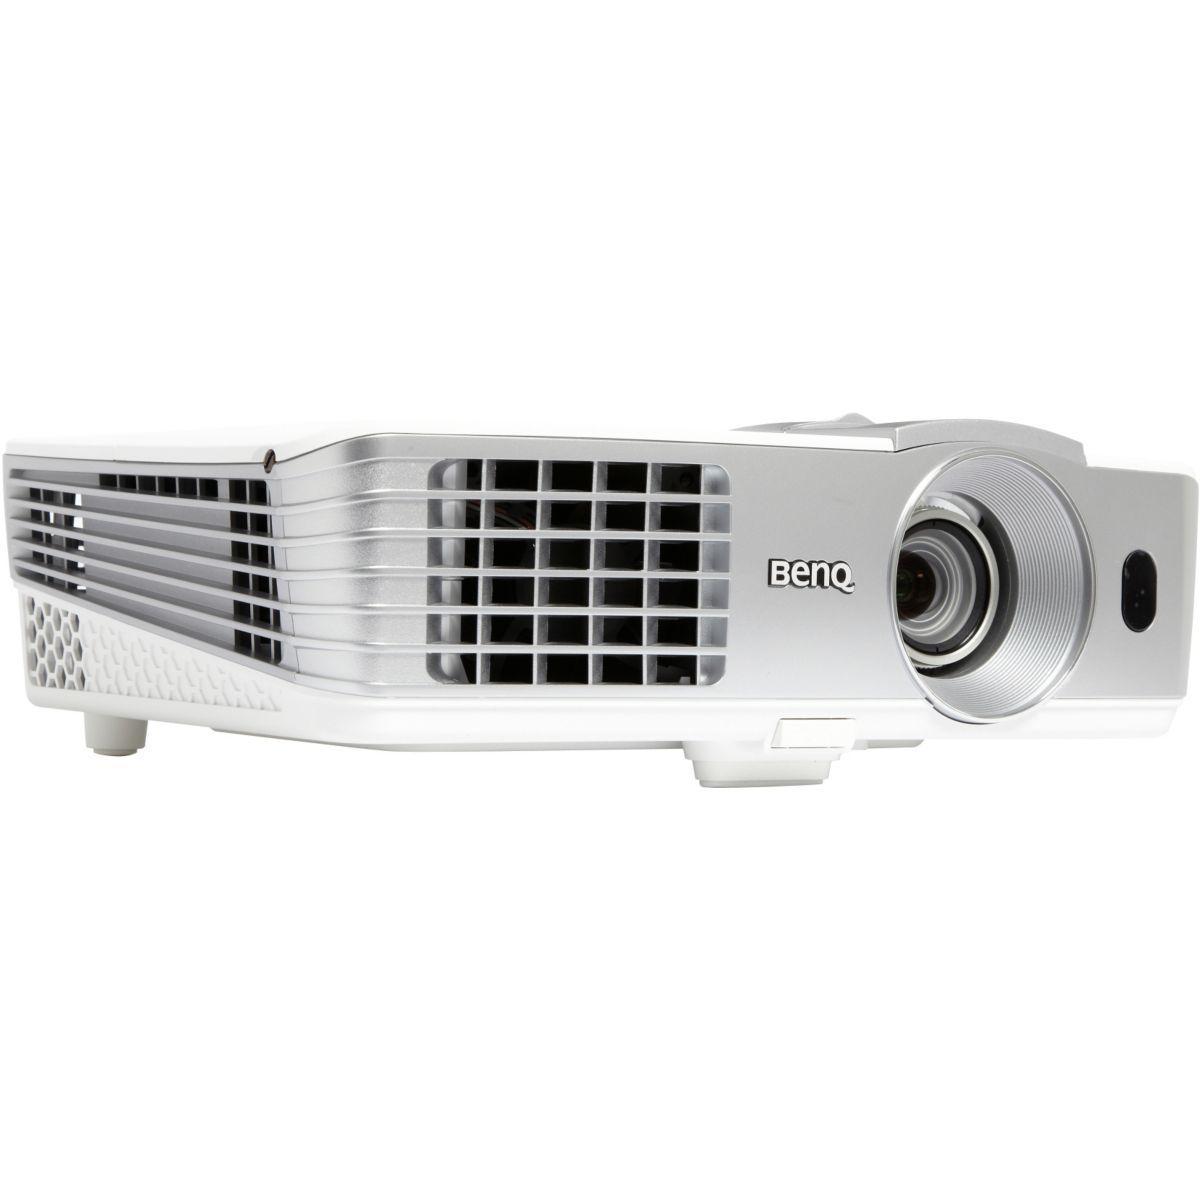 Pack promo vidéoprojecteur home cinema benq w1070+ + ecran de projection oray 2000 home cinema (101x180) portable (photo)